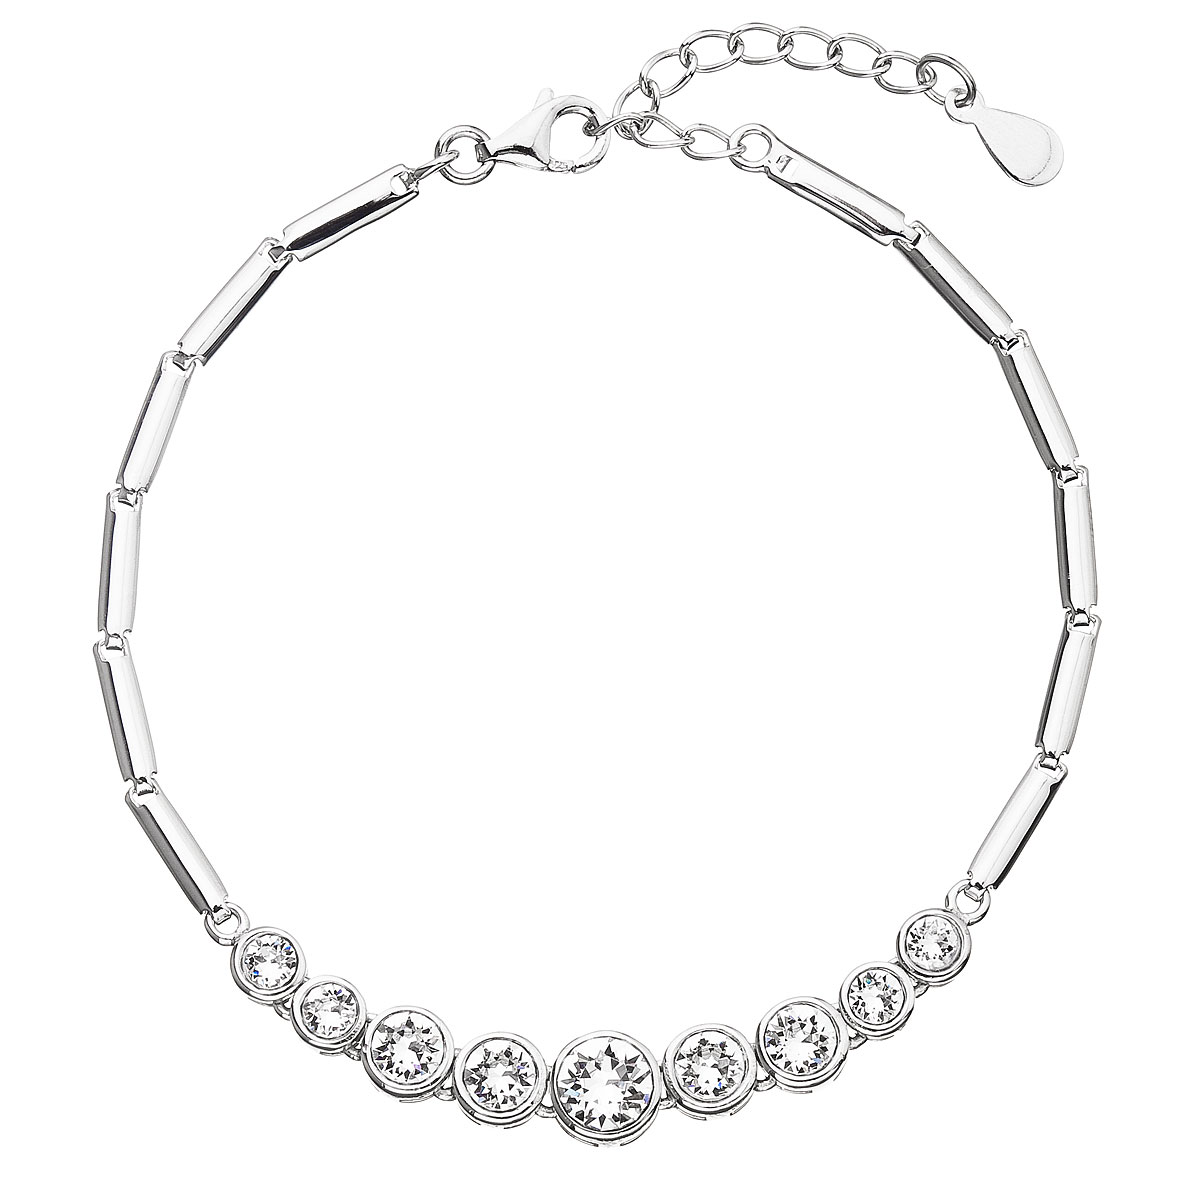 Evolution Group Stříbrný náramek se Swarovski krystaly bílý 33111.1, dárkové balení